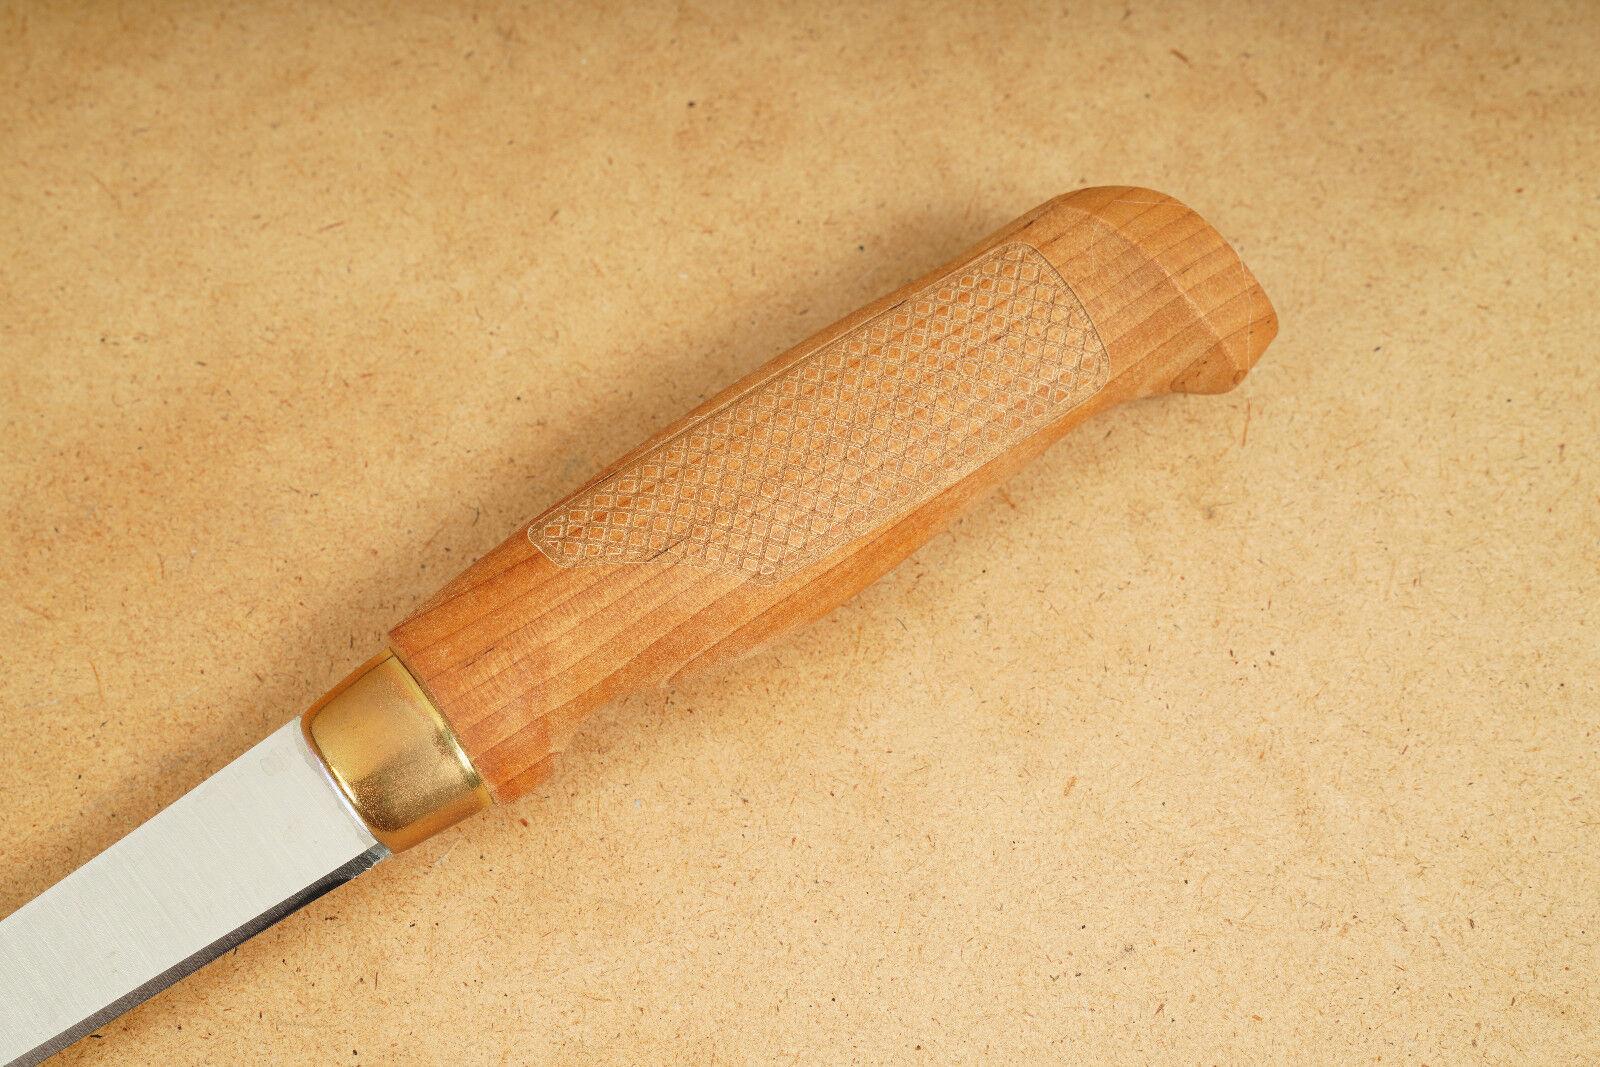 Marttiini Marttiini Marttiini Filiermesser Filetiermesser Anglermesser Fischmesser Holz finnisch M53 b0b82e